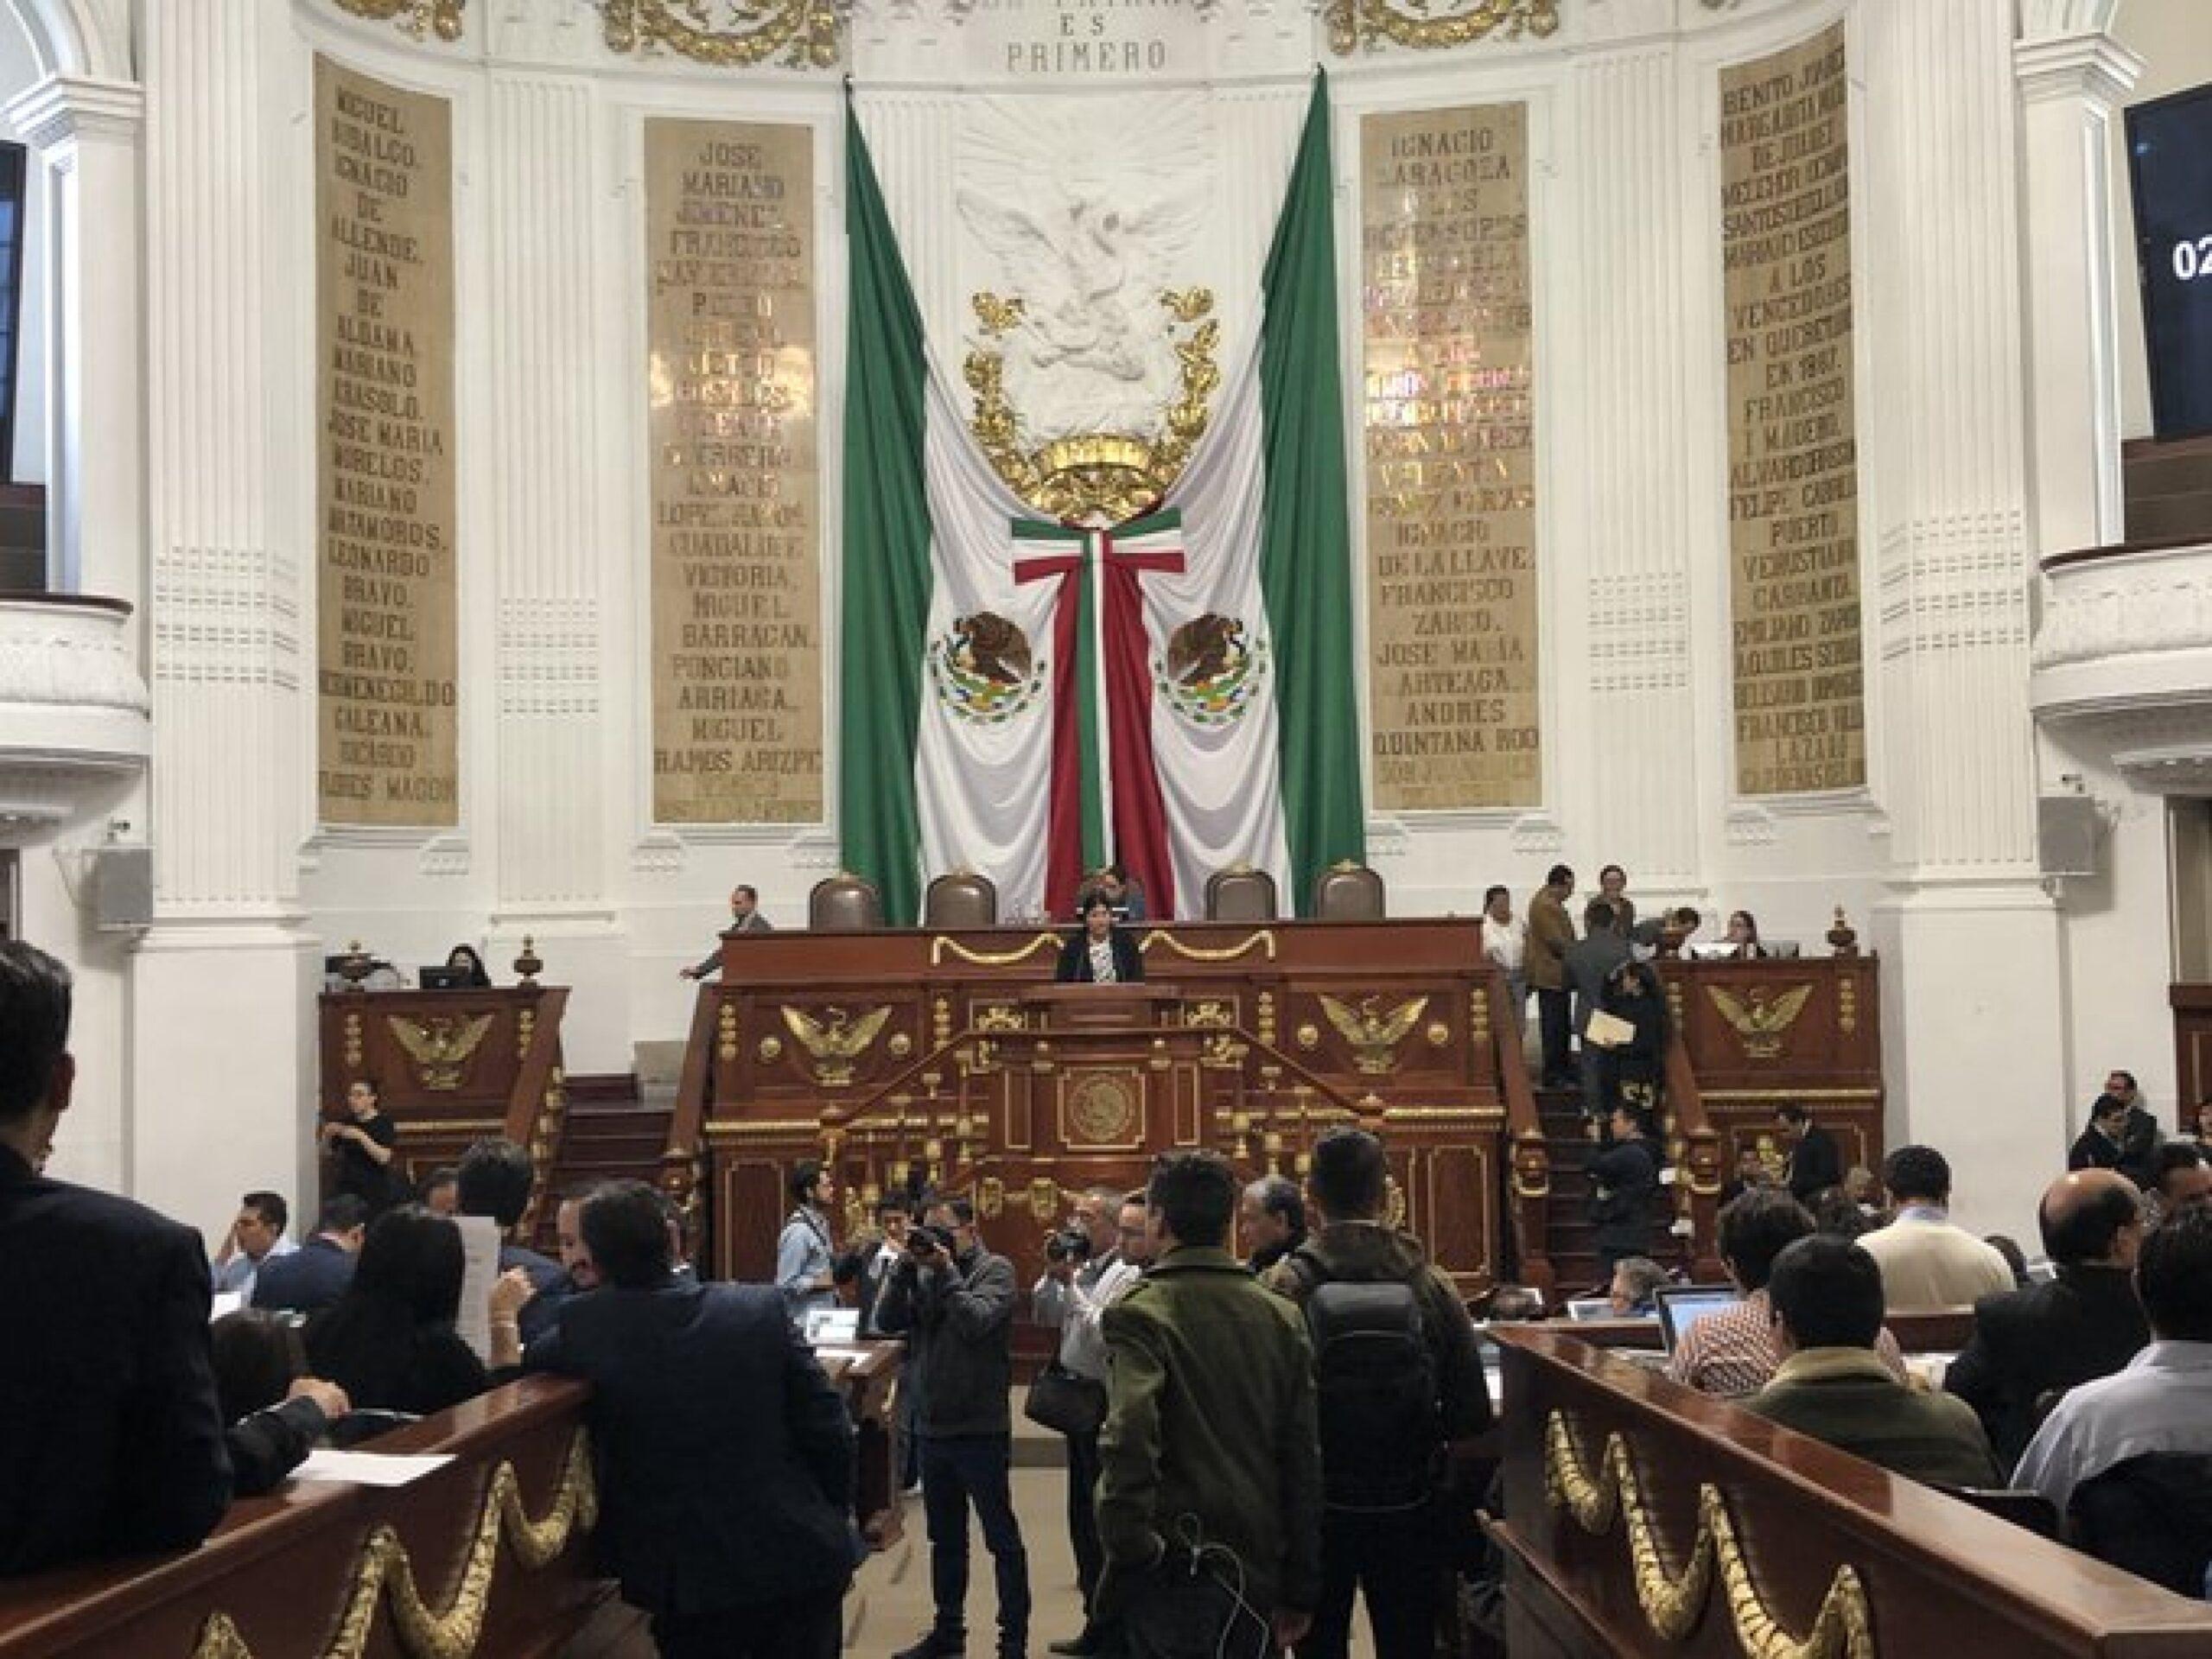 CONGRESO DE LA CIUDAD DE MÉXICO APRUEBA LEY DE PLANEACIÓN